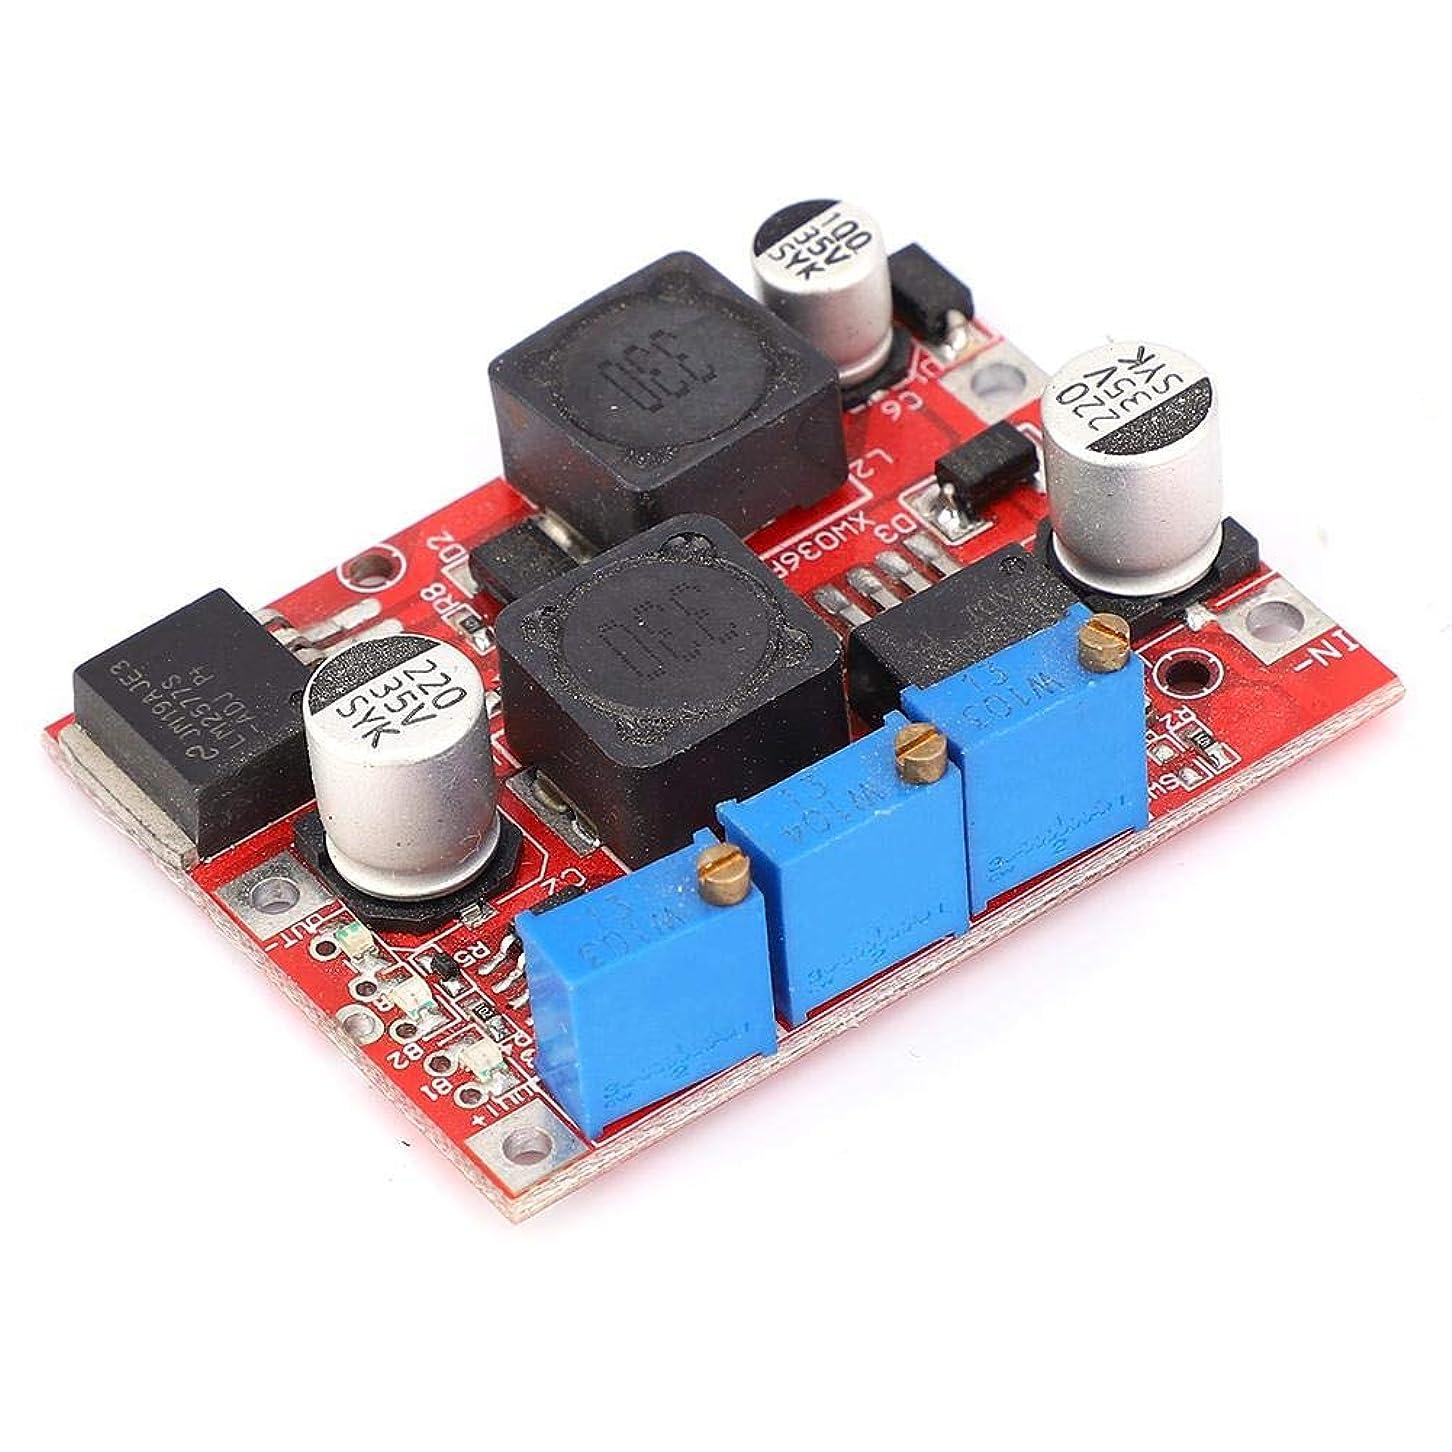 洗う鋭く傷つきやすい自動ブースト/バックコンバータモジュール、可変電圧モジュールパワーアップ/ダウンモジュール